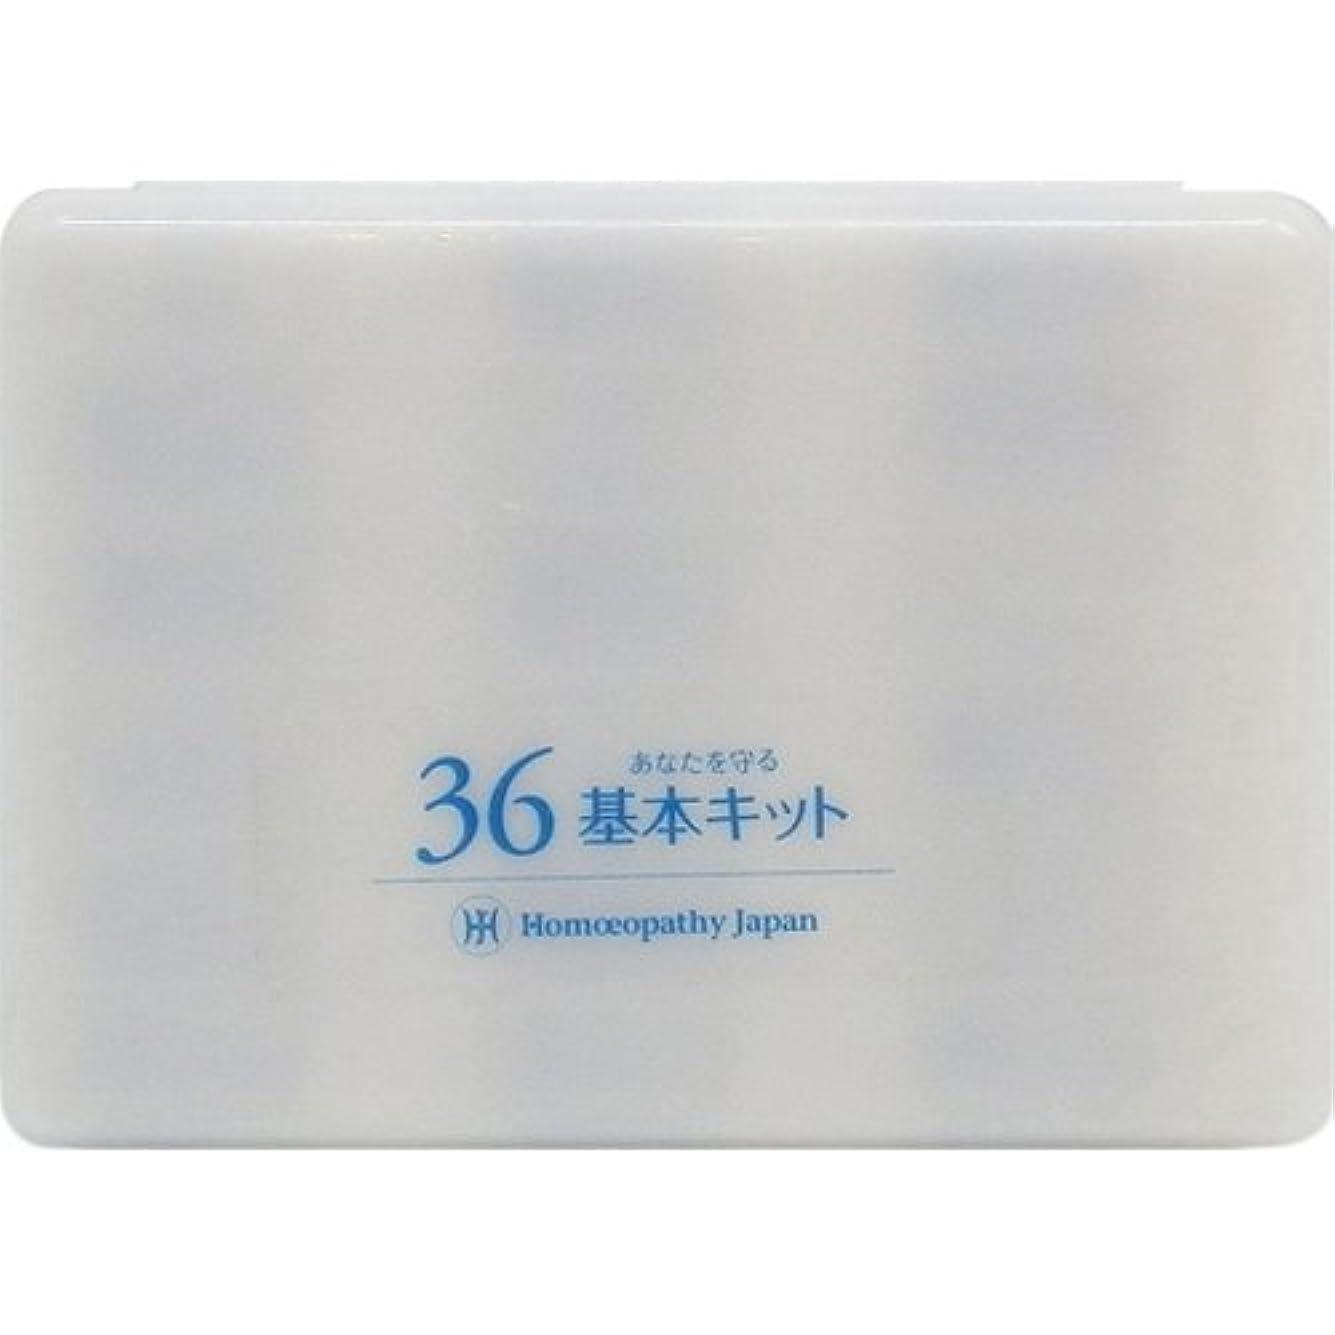 ヒント魔法チャンピオンシップホメオパシージャパンレメディー 新36基本キット